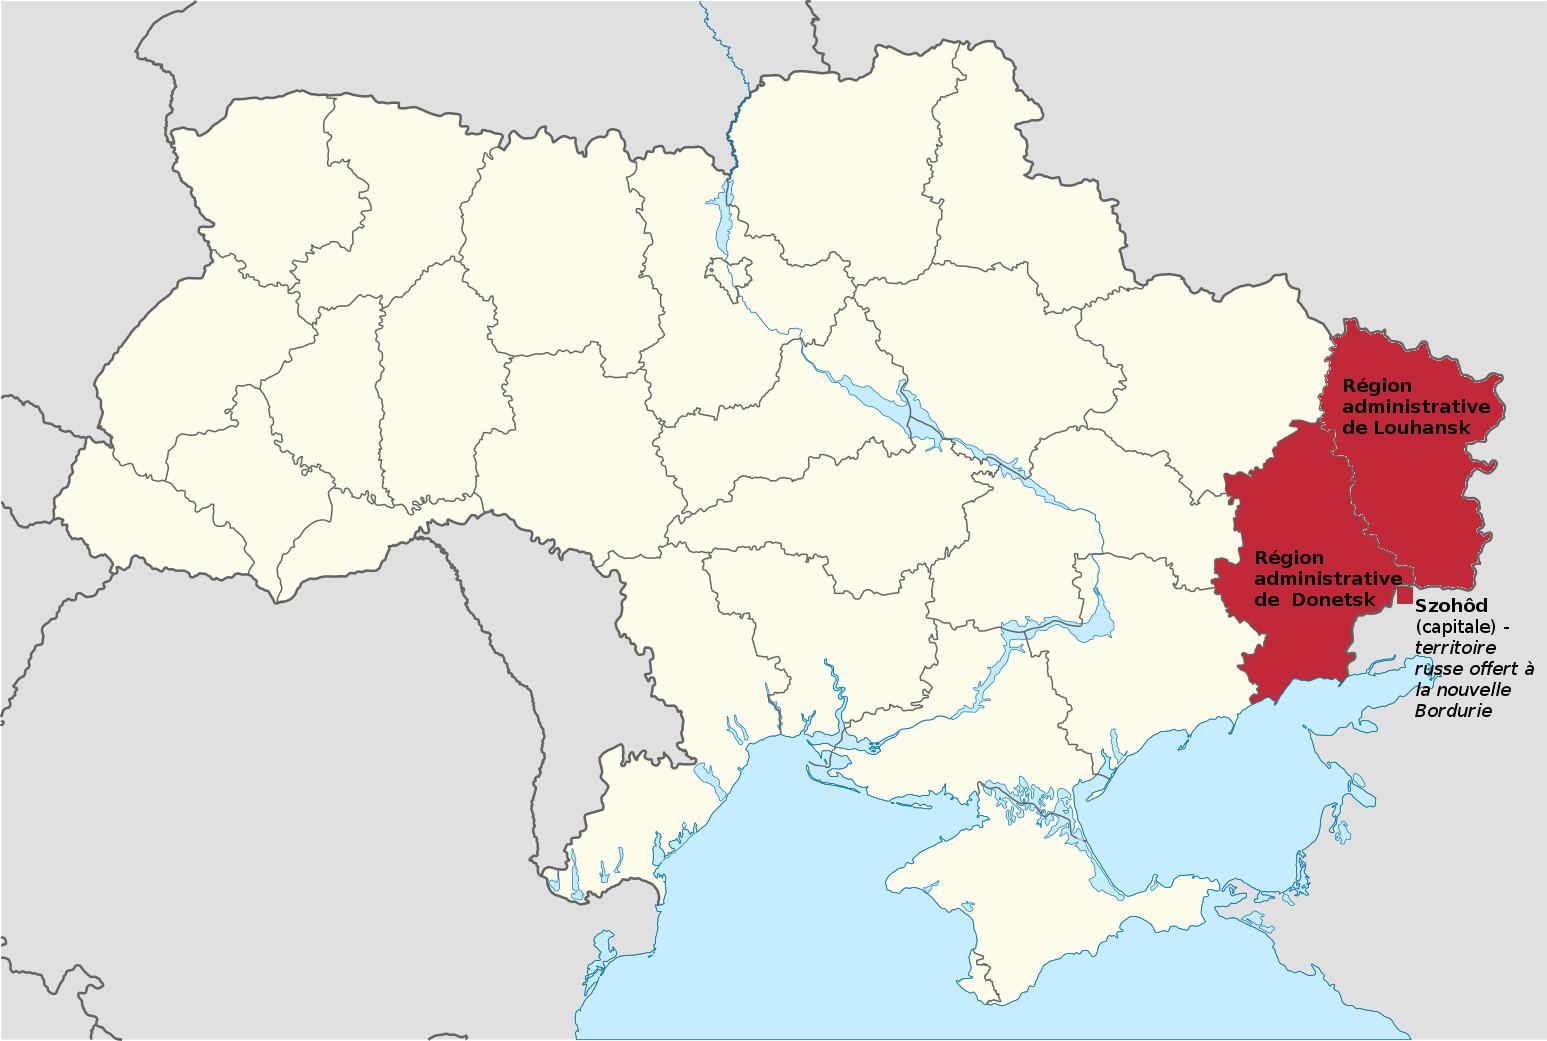 Carte montrant les territoires ukrainiens ayant fais secession pour créer la Bordurie